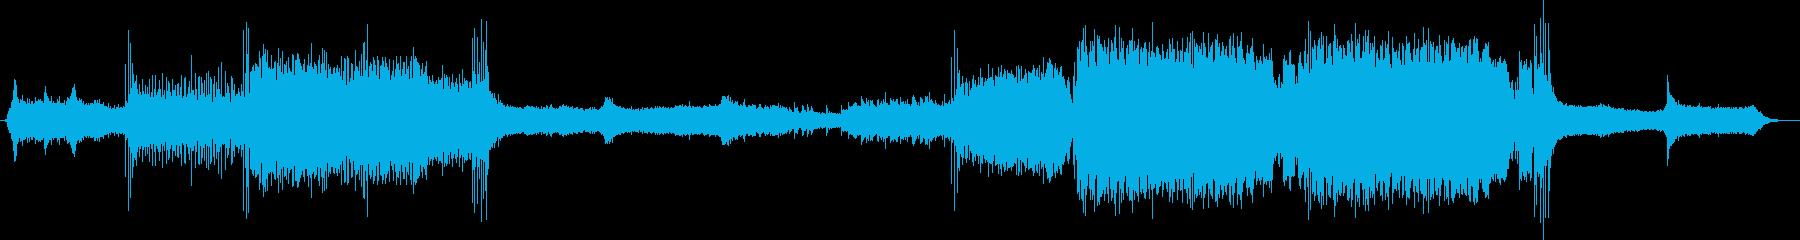 和太鼓の入ったトランスの再生済みの波形